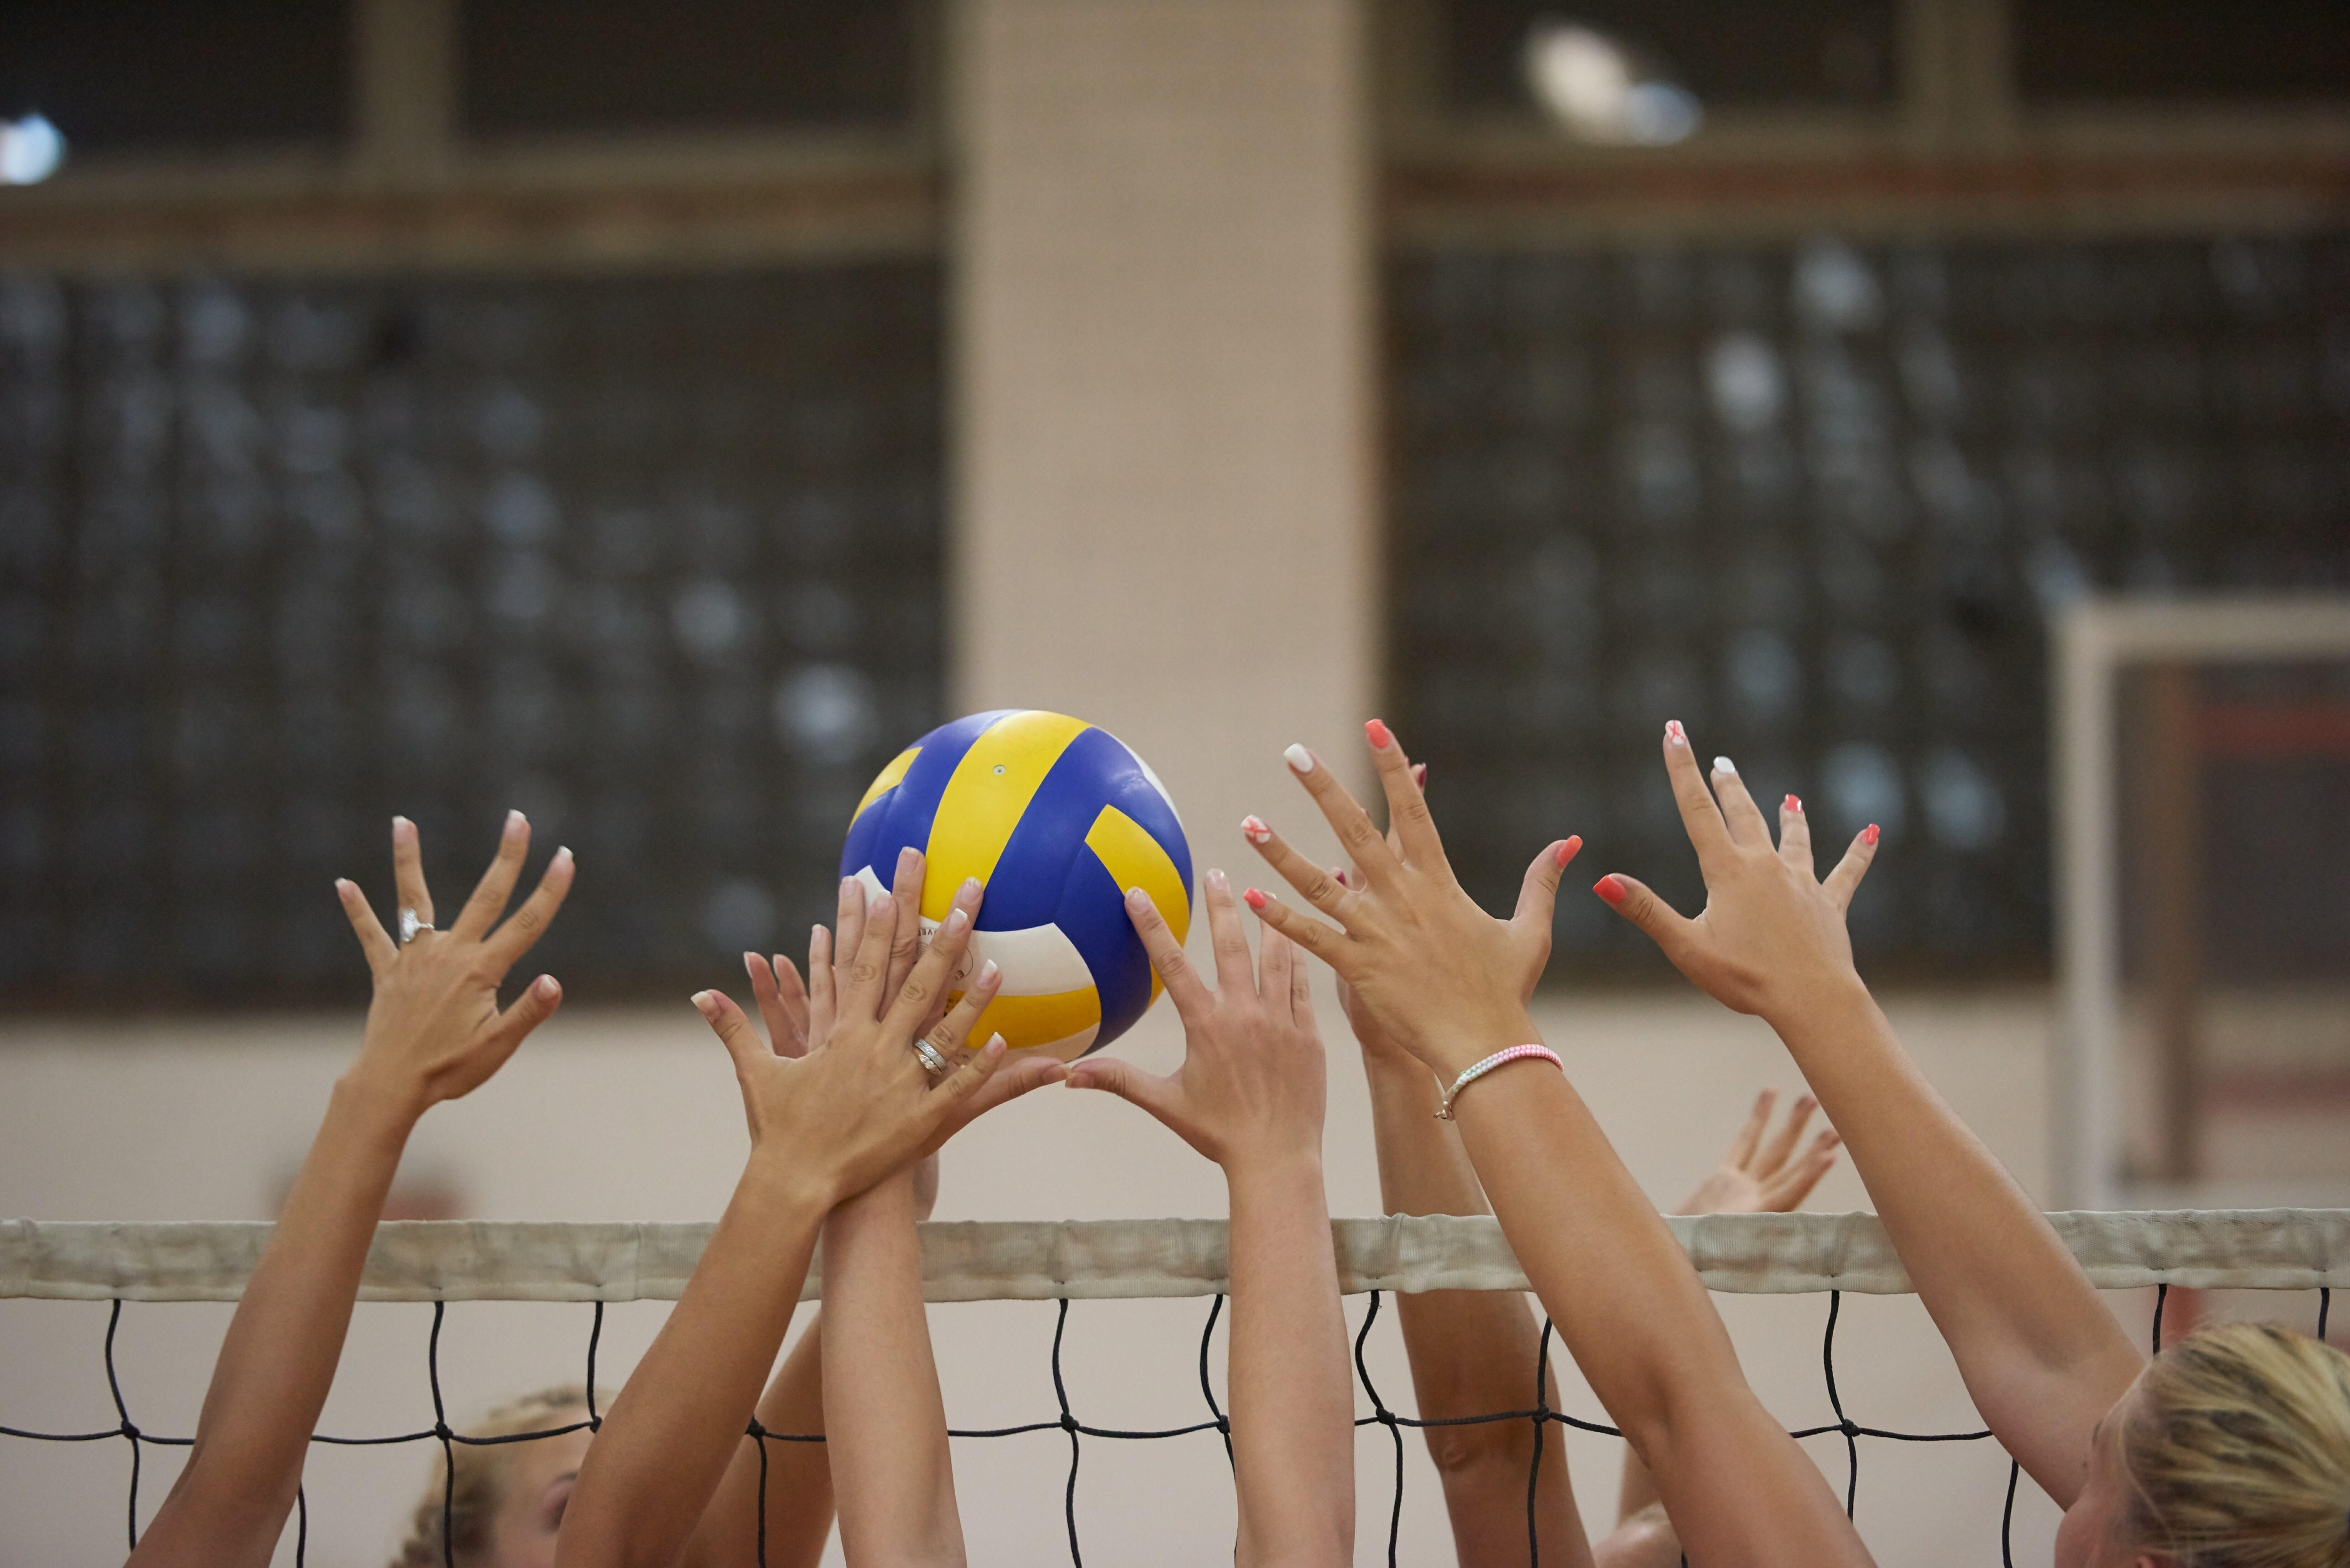 ネット上でプレイするバレーボール選手たち